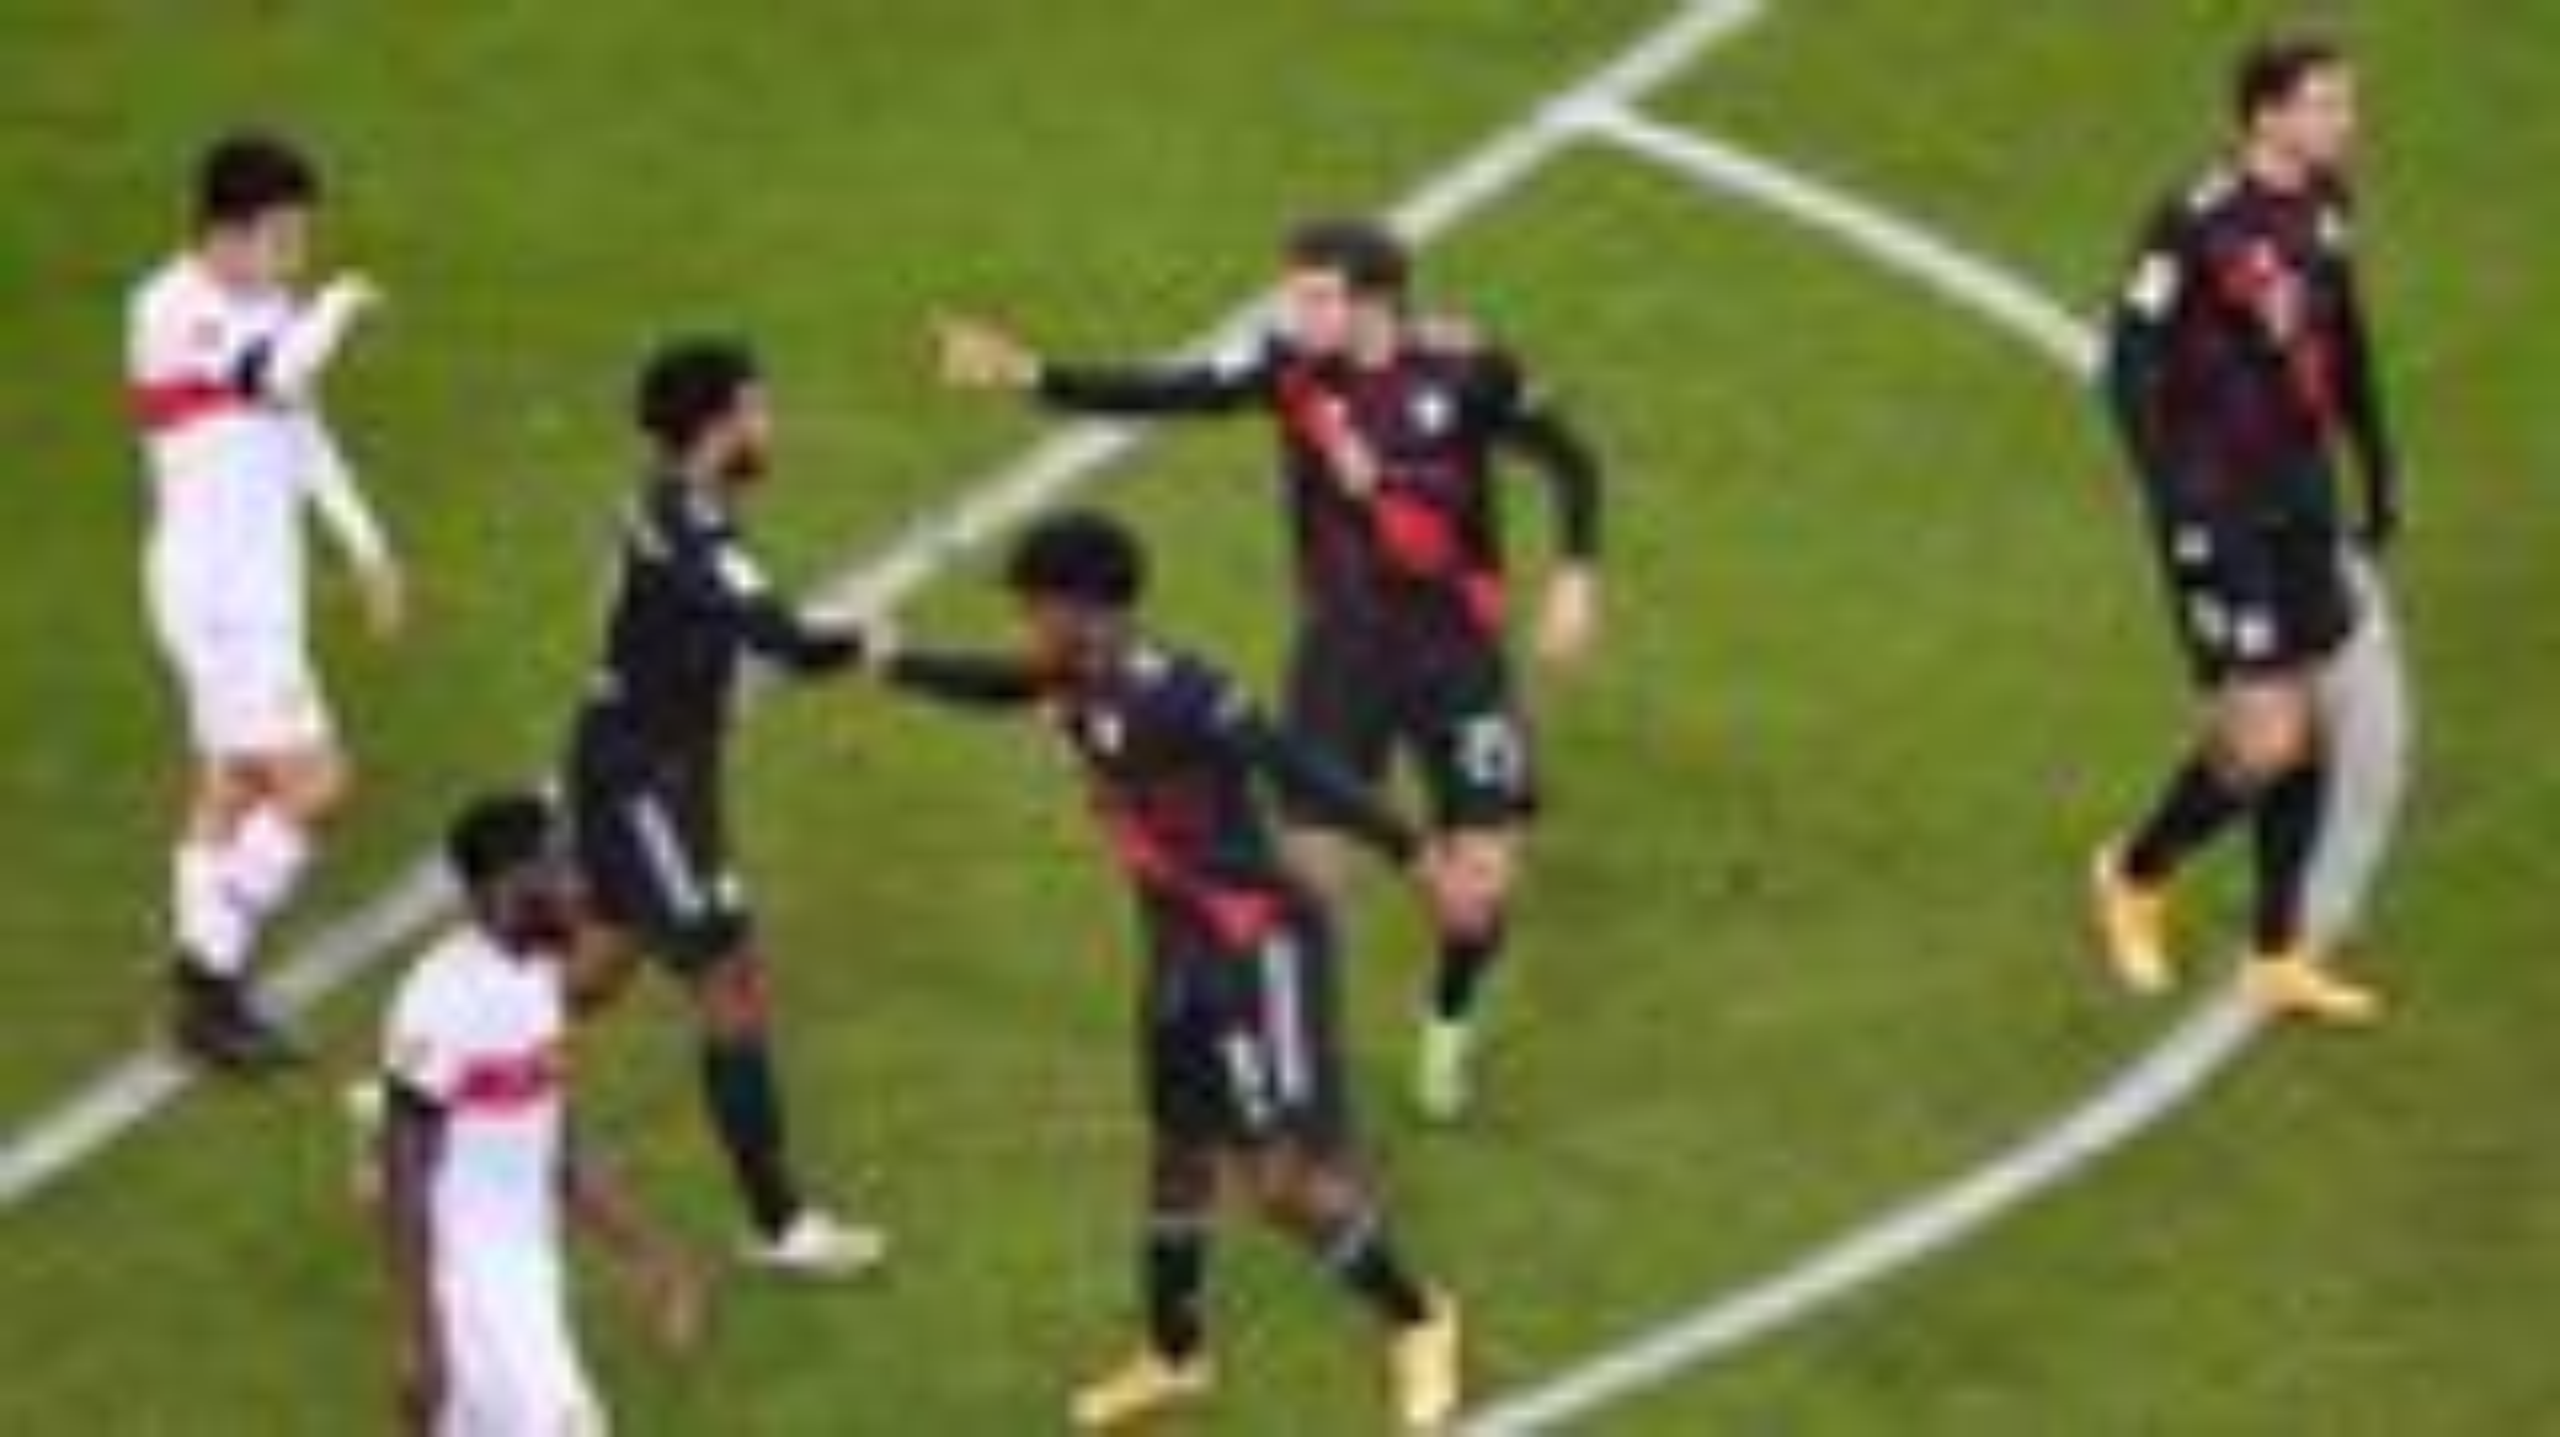 FC Bayern erleichtert nach wichtigem Arbeitssieg